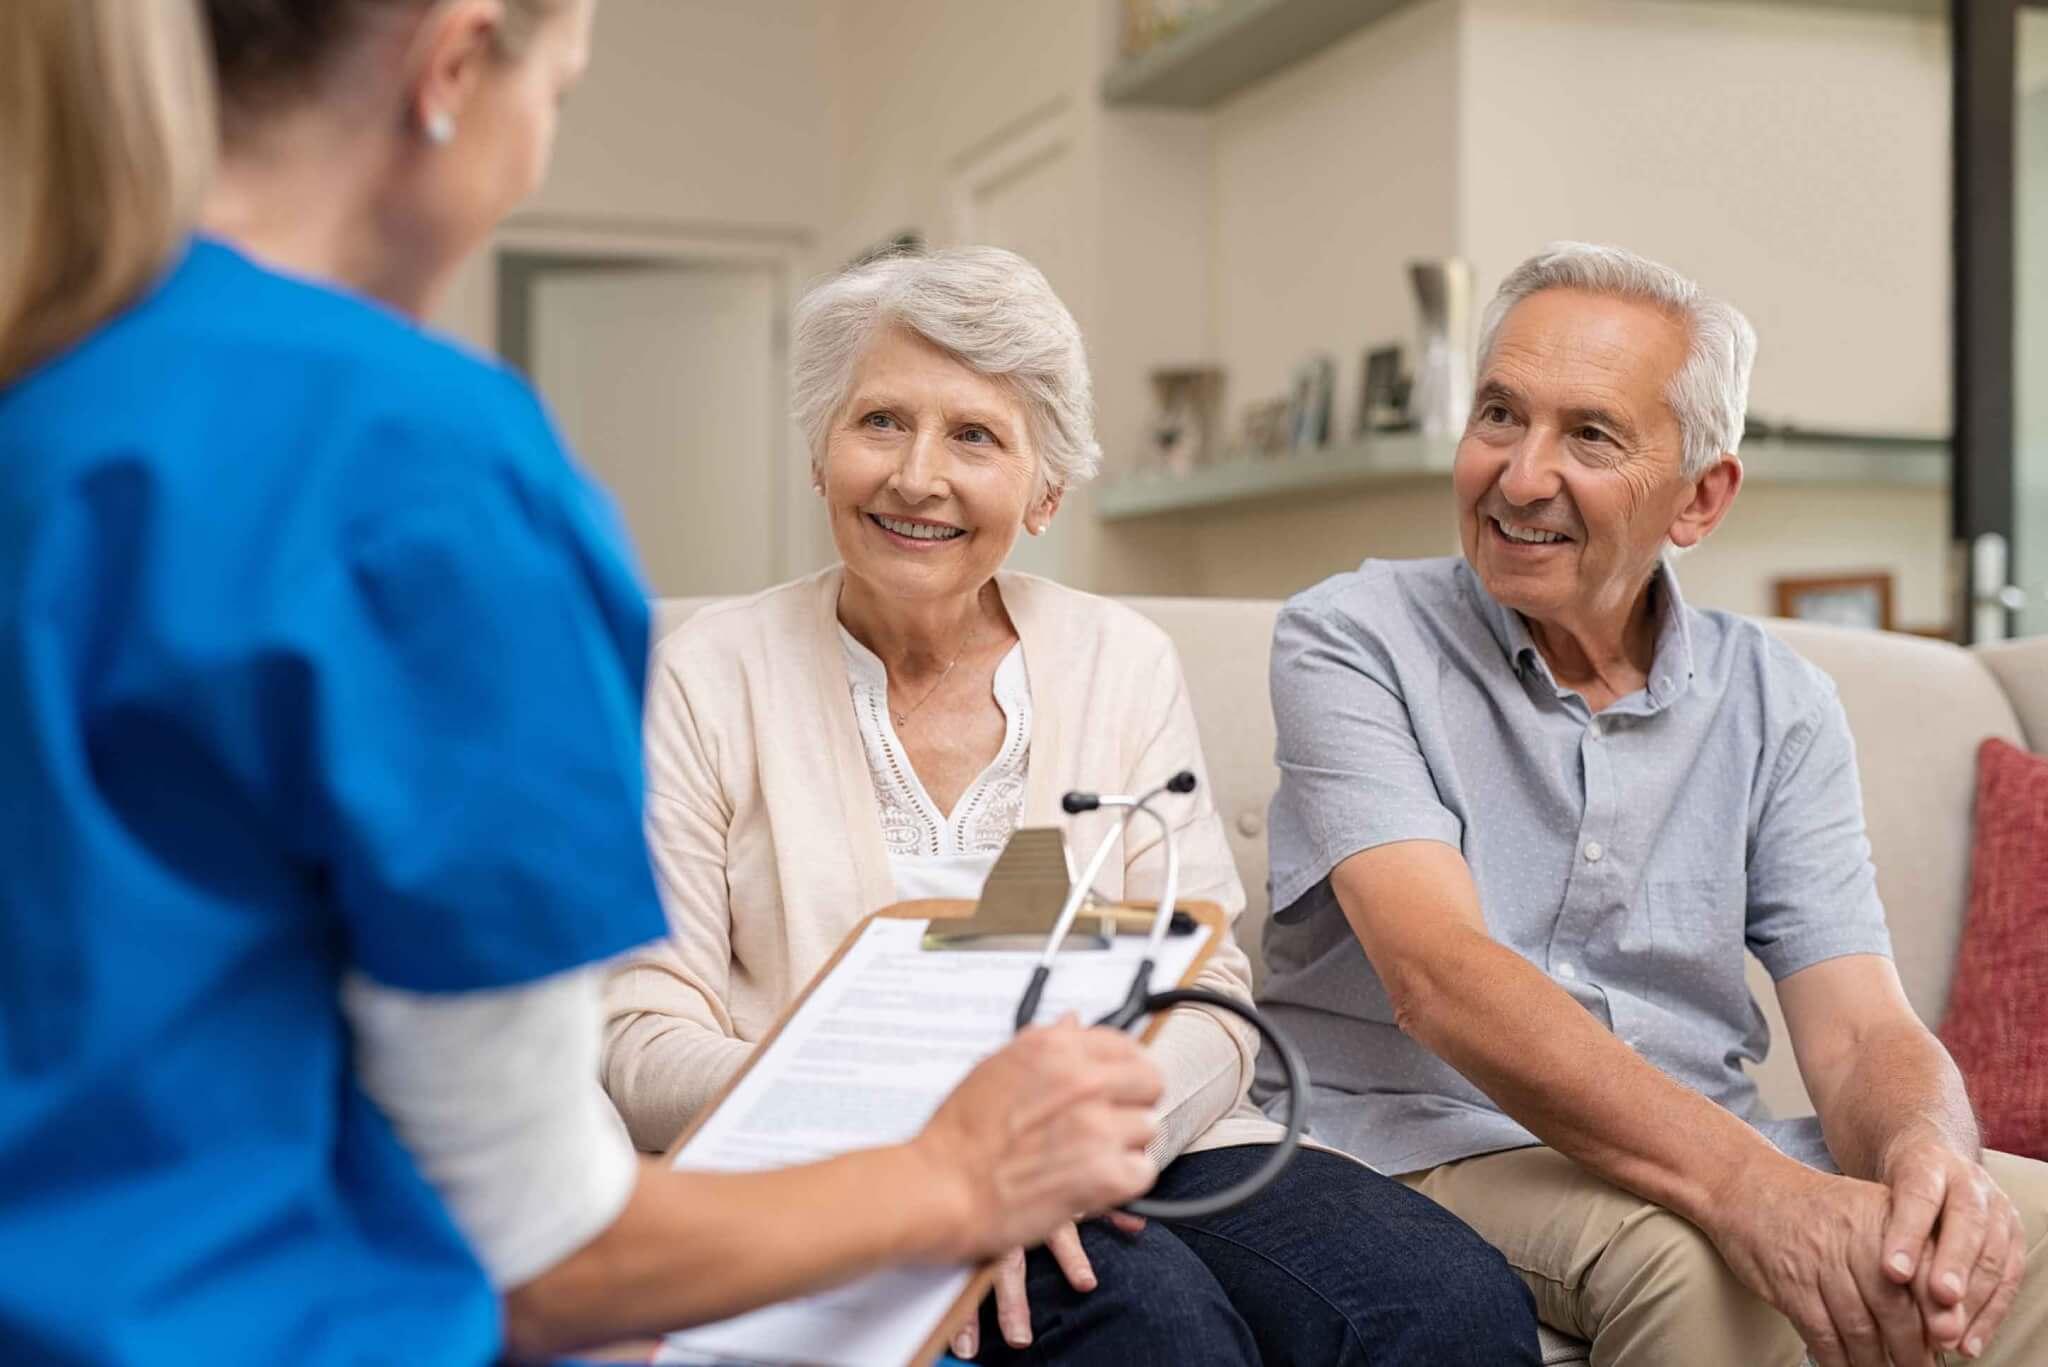 Älterer Mann und Frau lassen sich von Ärztin zur Zweitmeinung beraten